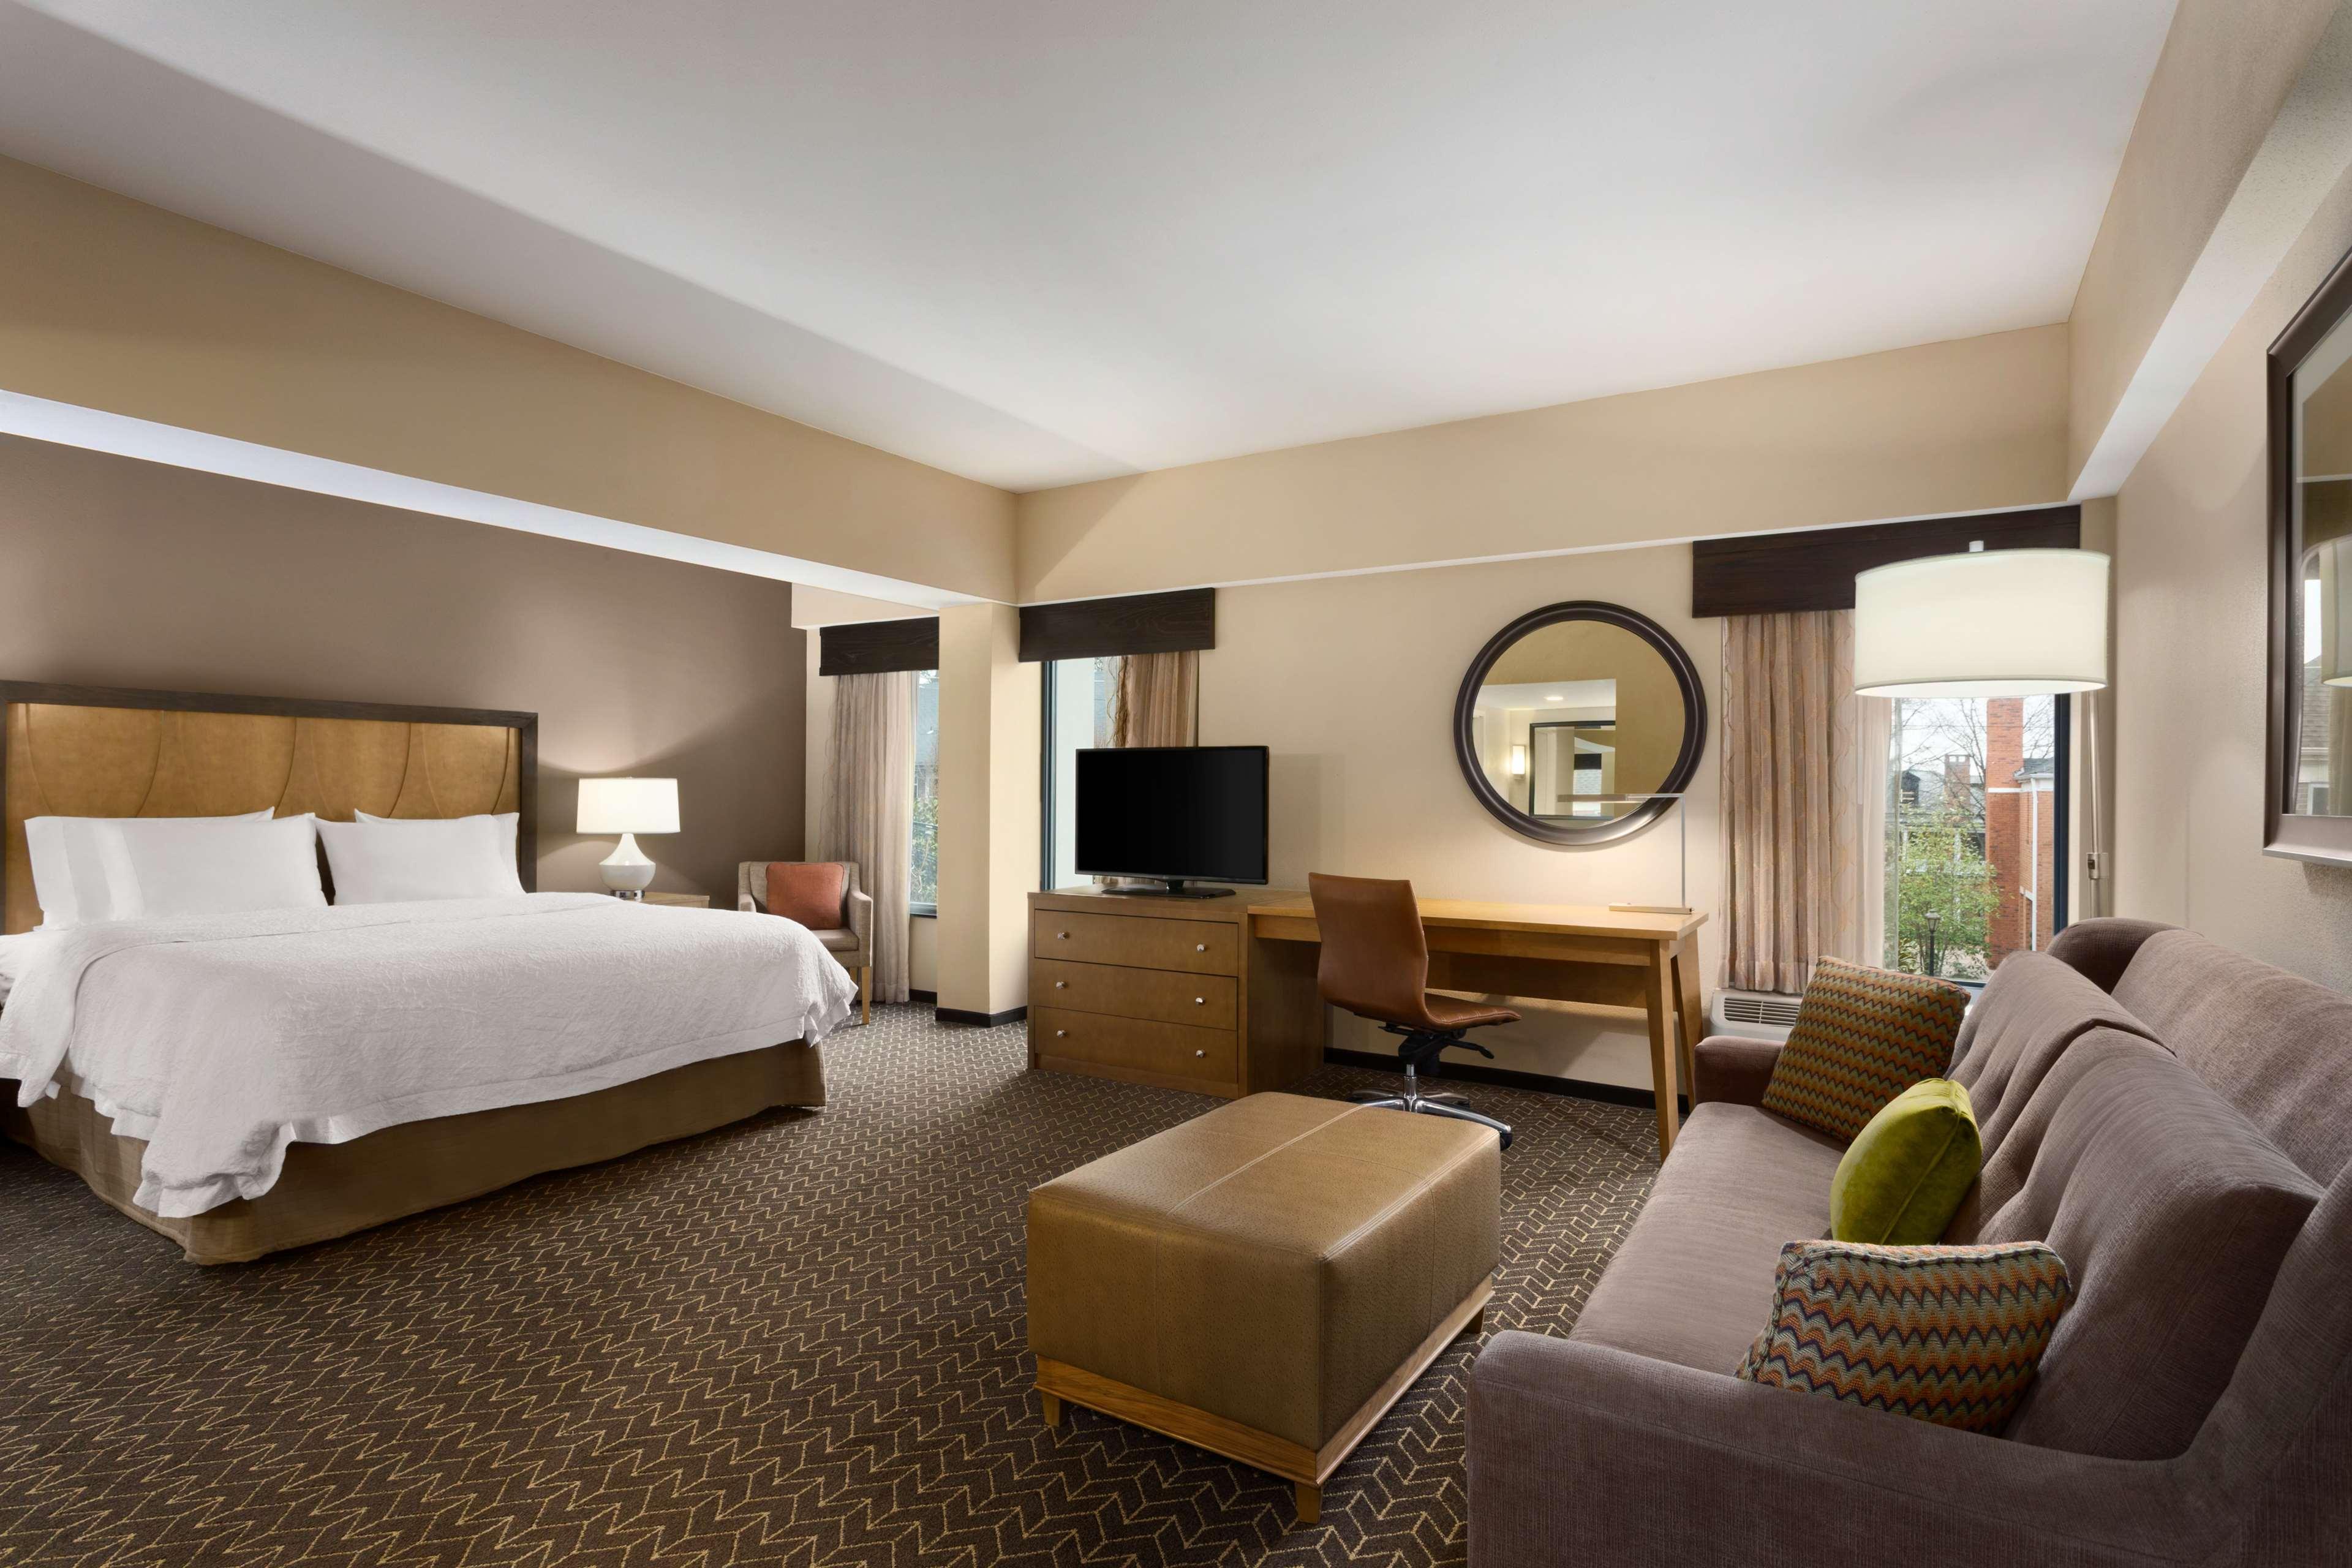 Hampton Inn and Suites Clayton/St Louis-Galleria Area image 20